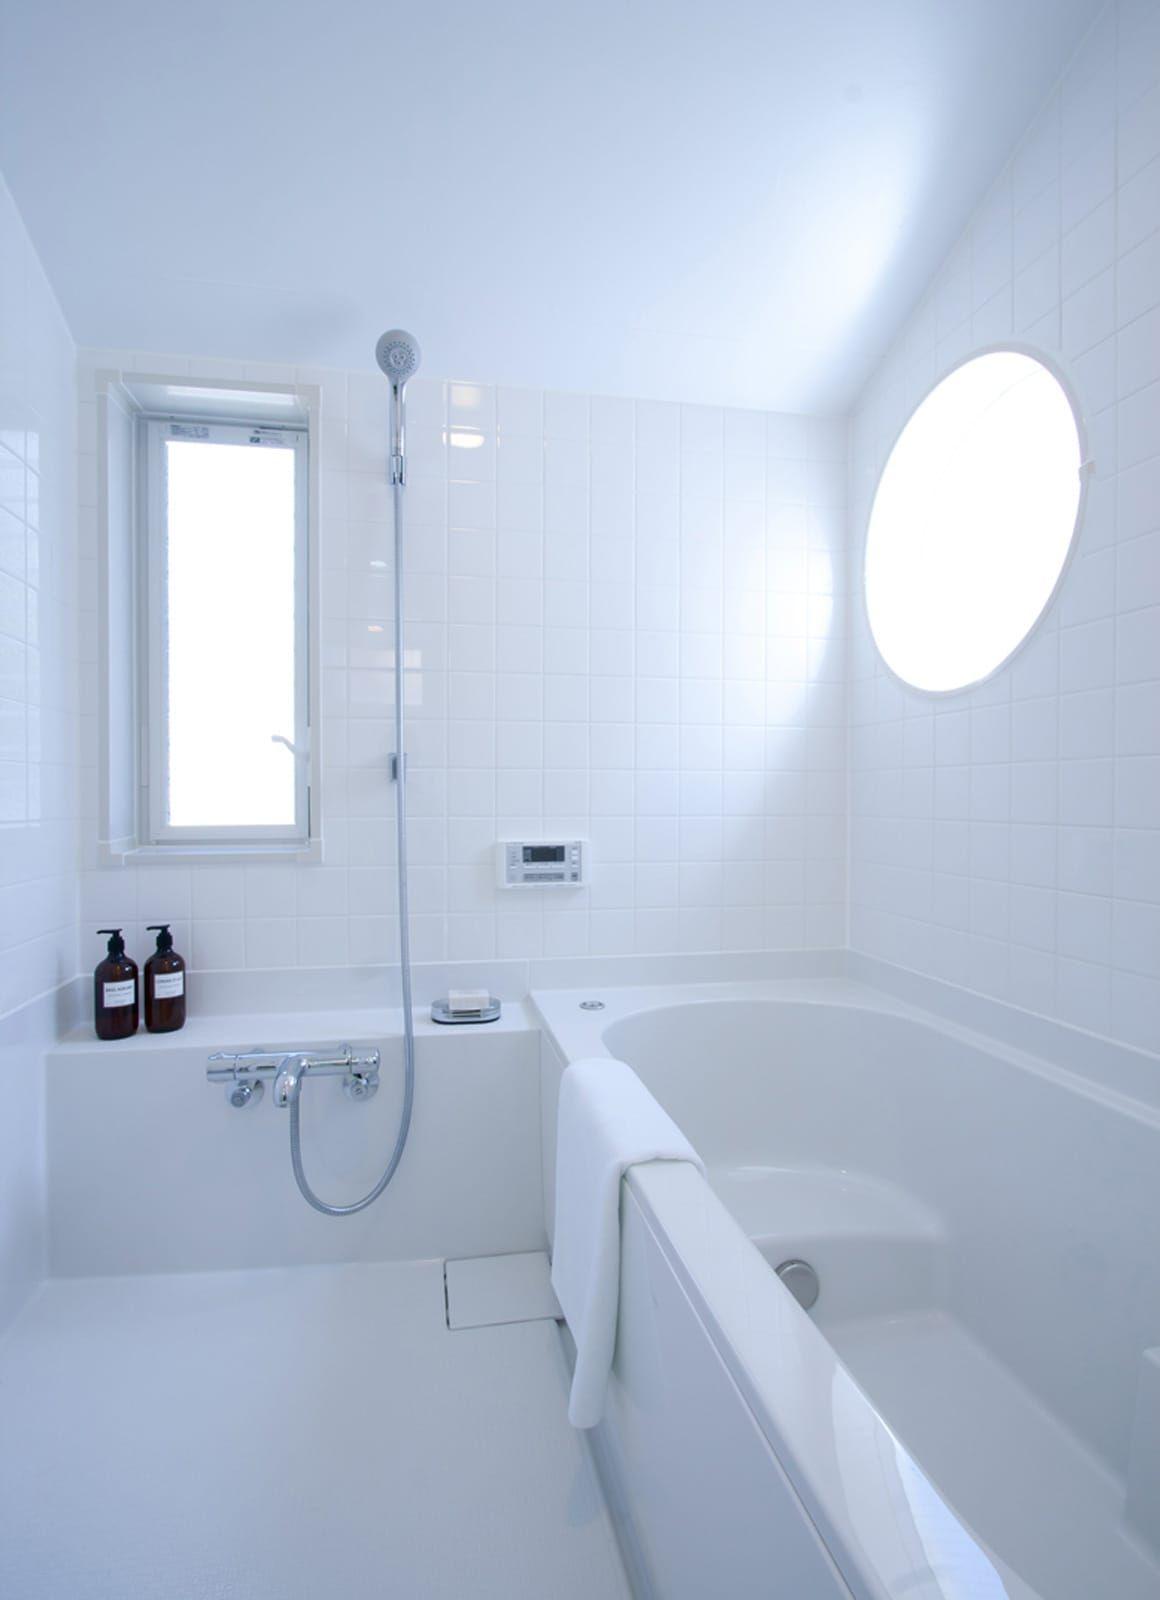 スマイル アバターハウスの浴室 洗面所2 無印良品の家 浴室